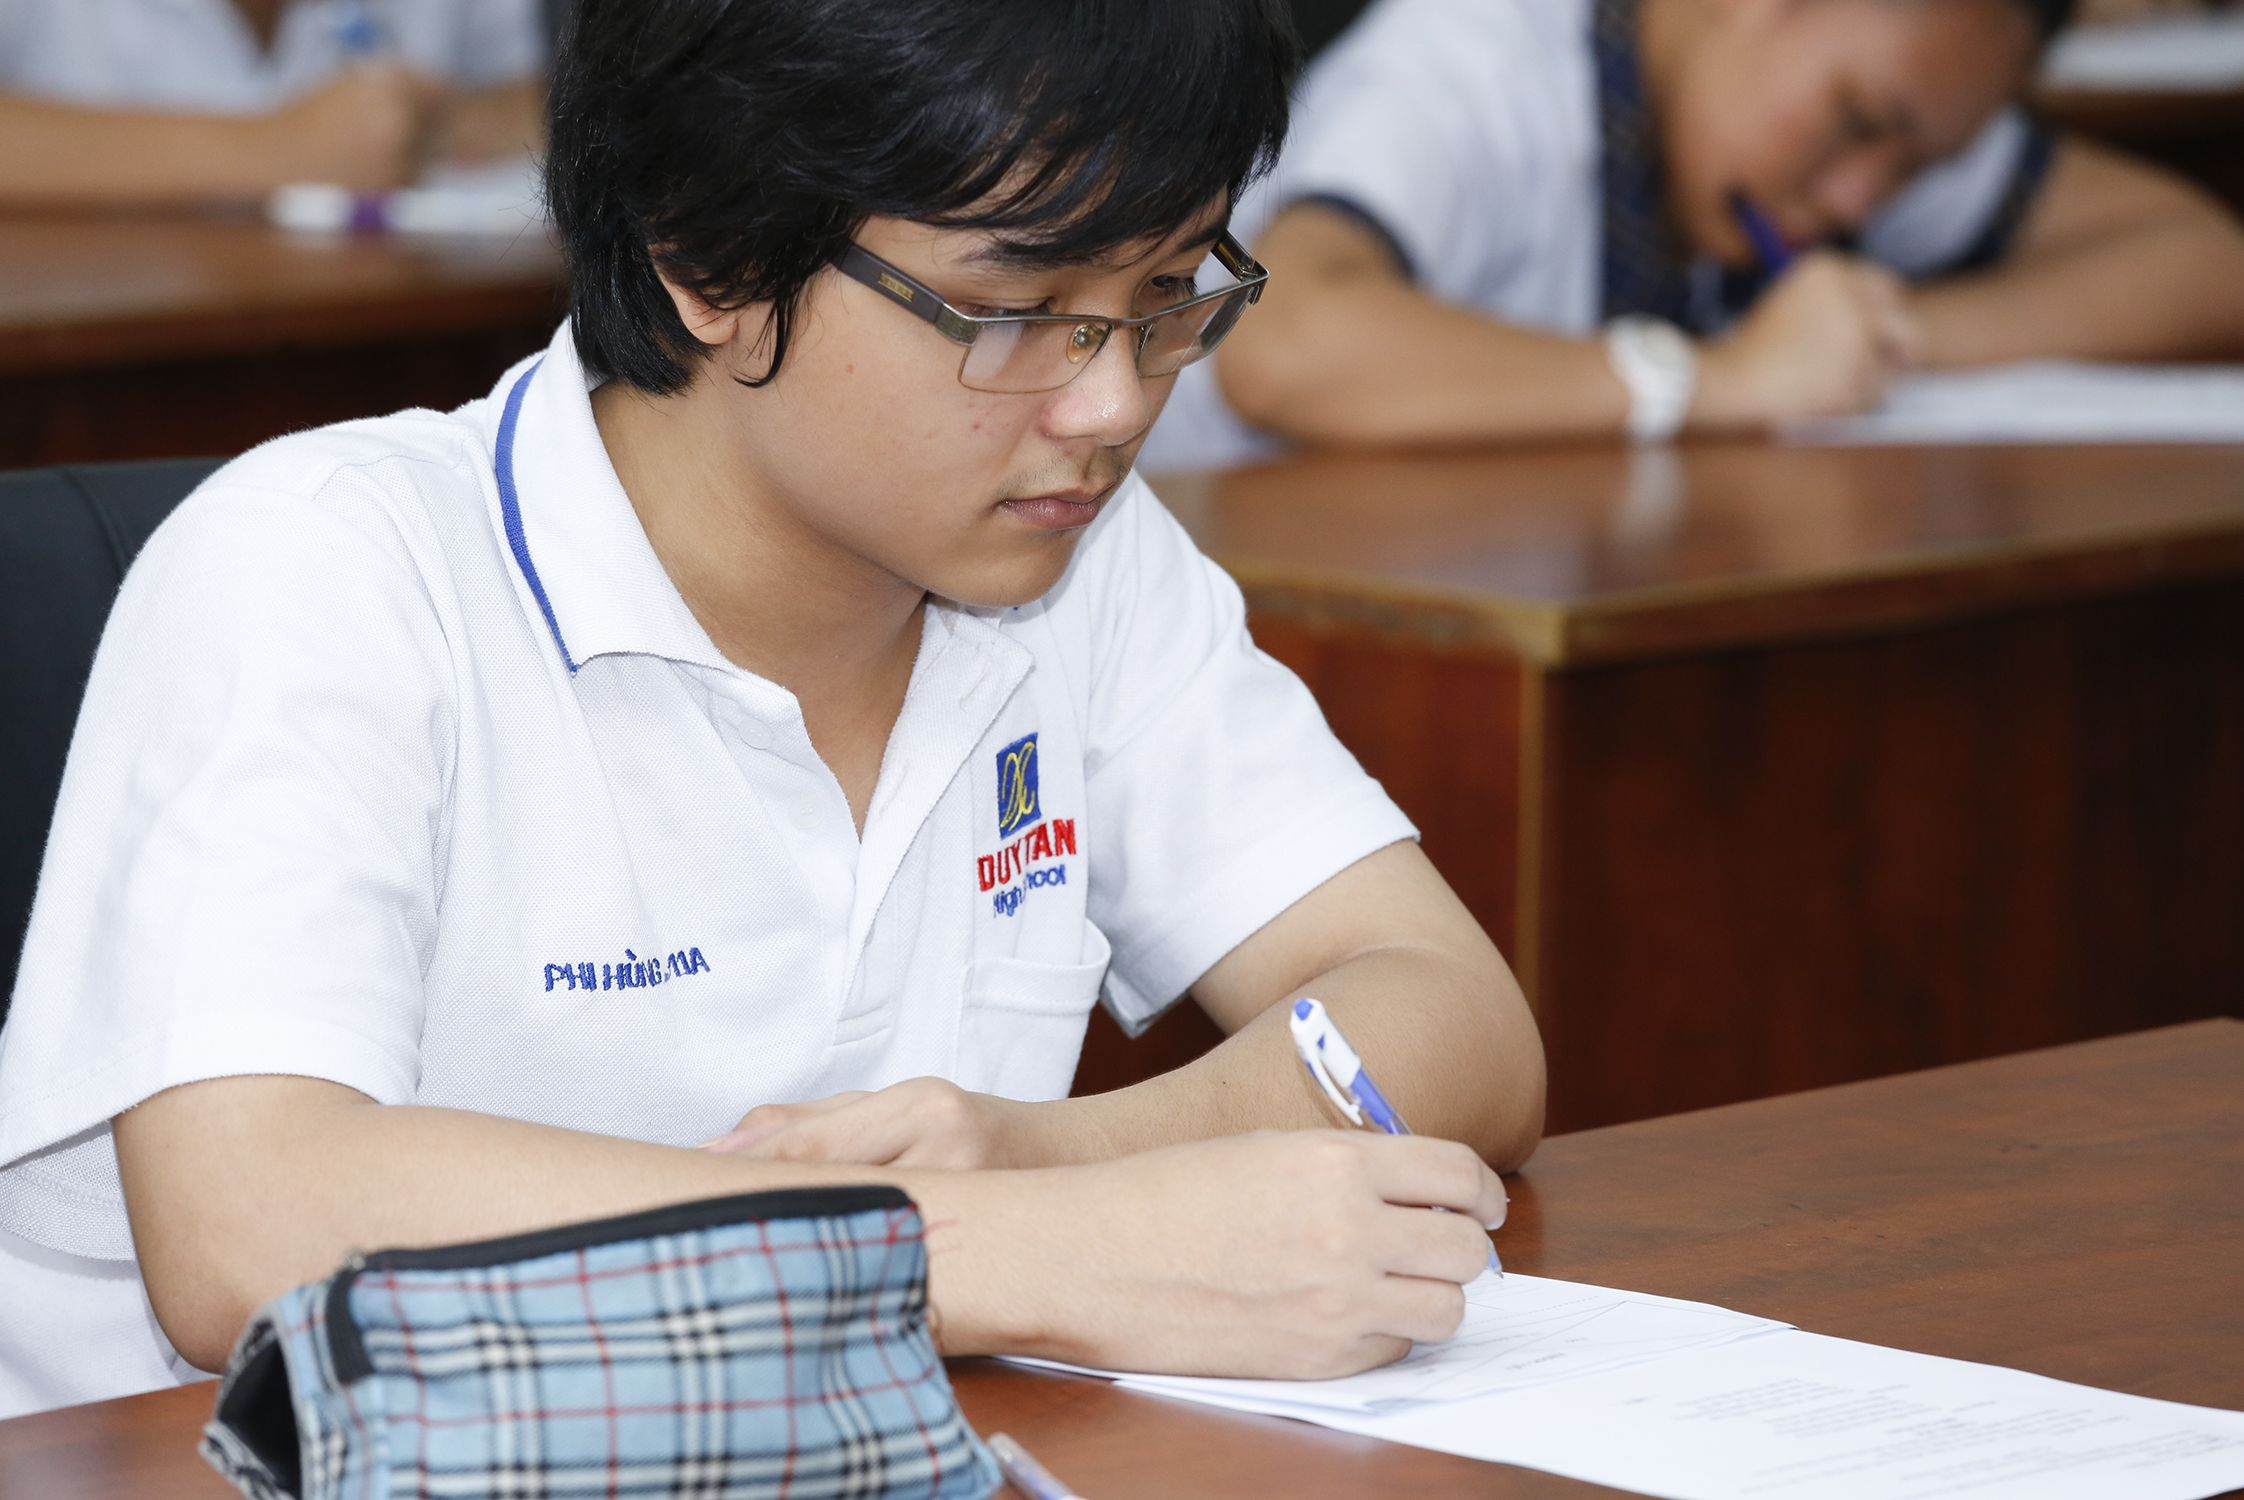 Vai trò của môn giáo dục công dân trong nhà trường - Bà Nguyễn Thị Sơn